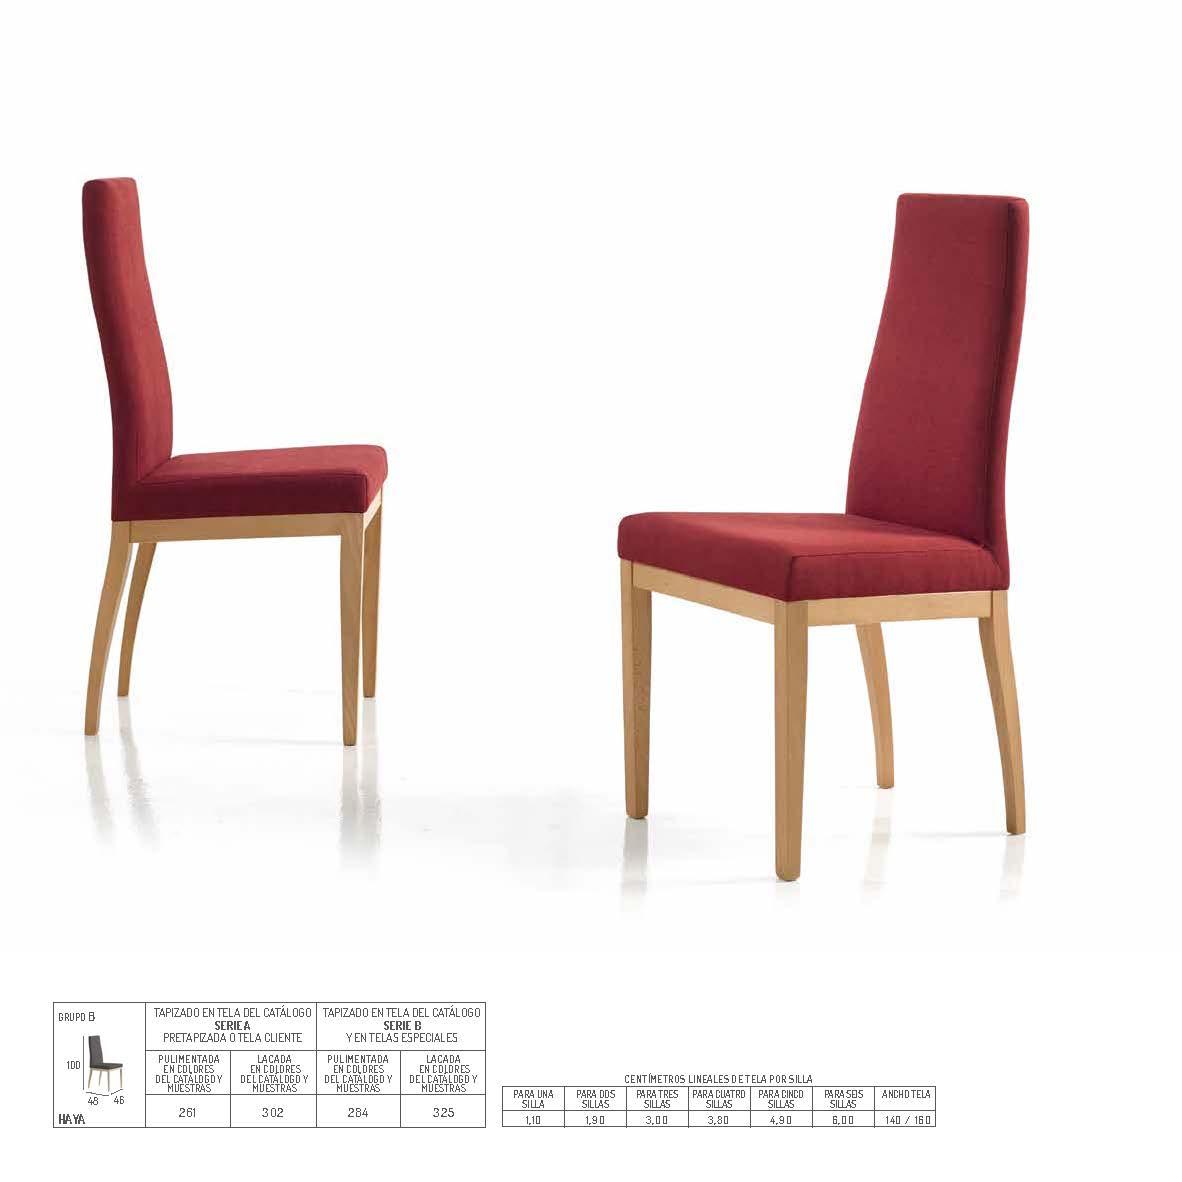 Ficha técnica de sillas de comedor 14f-0017